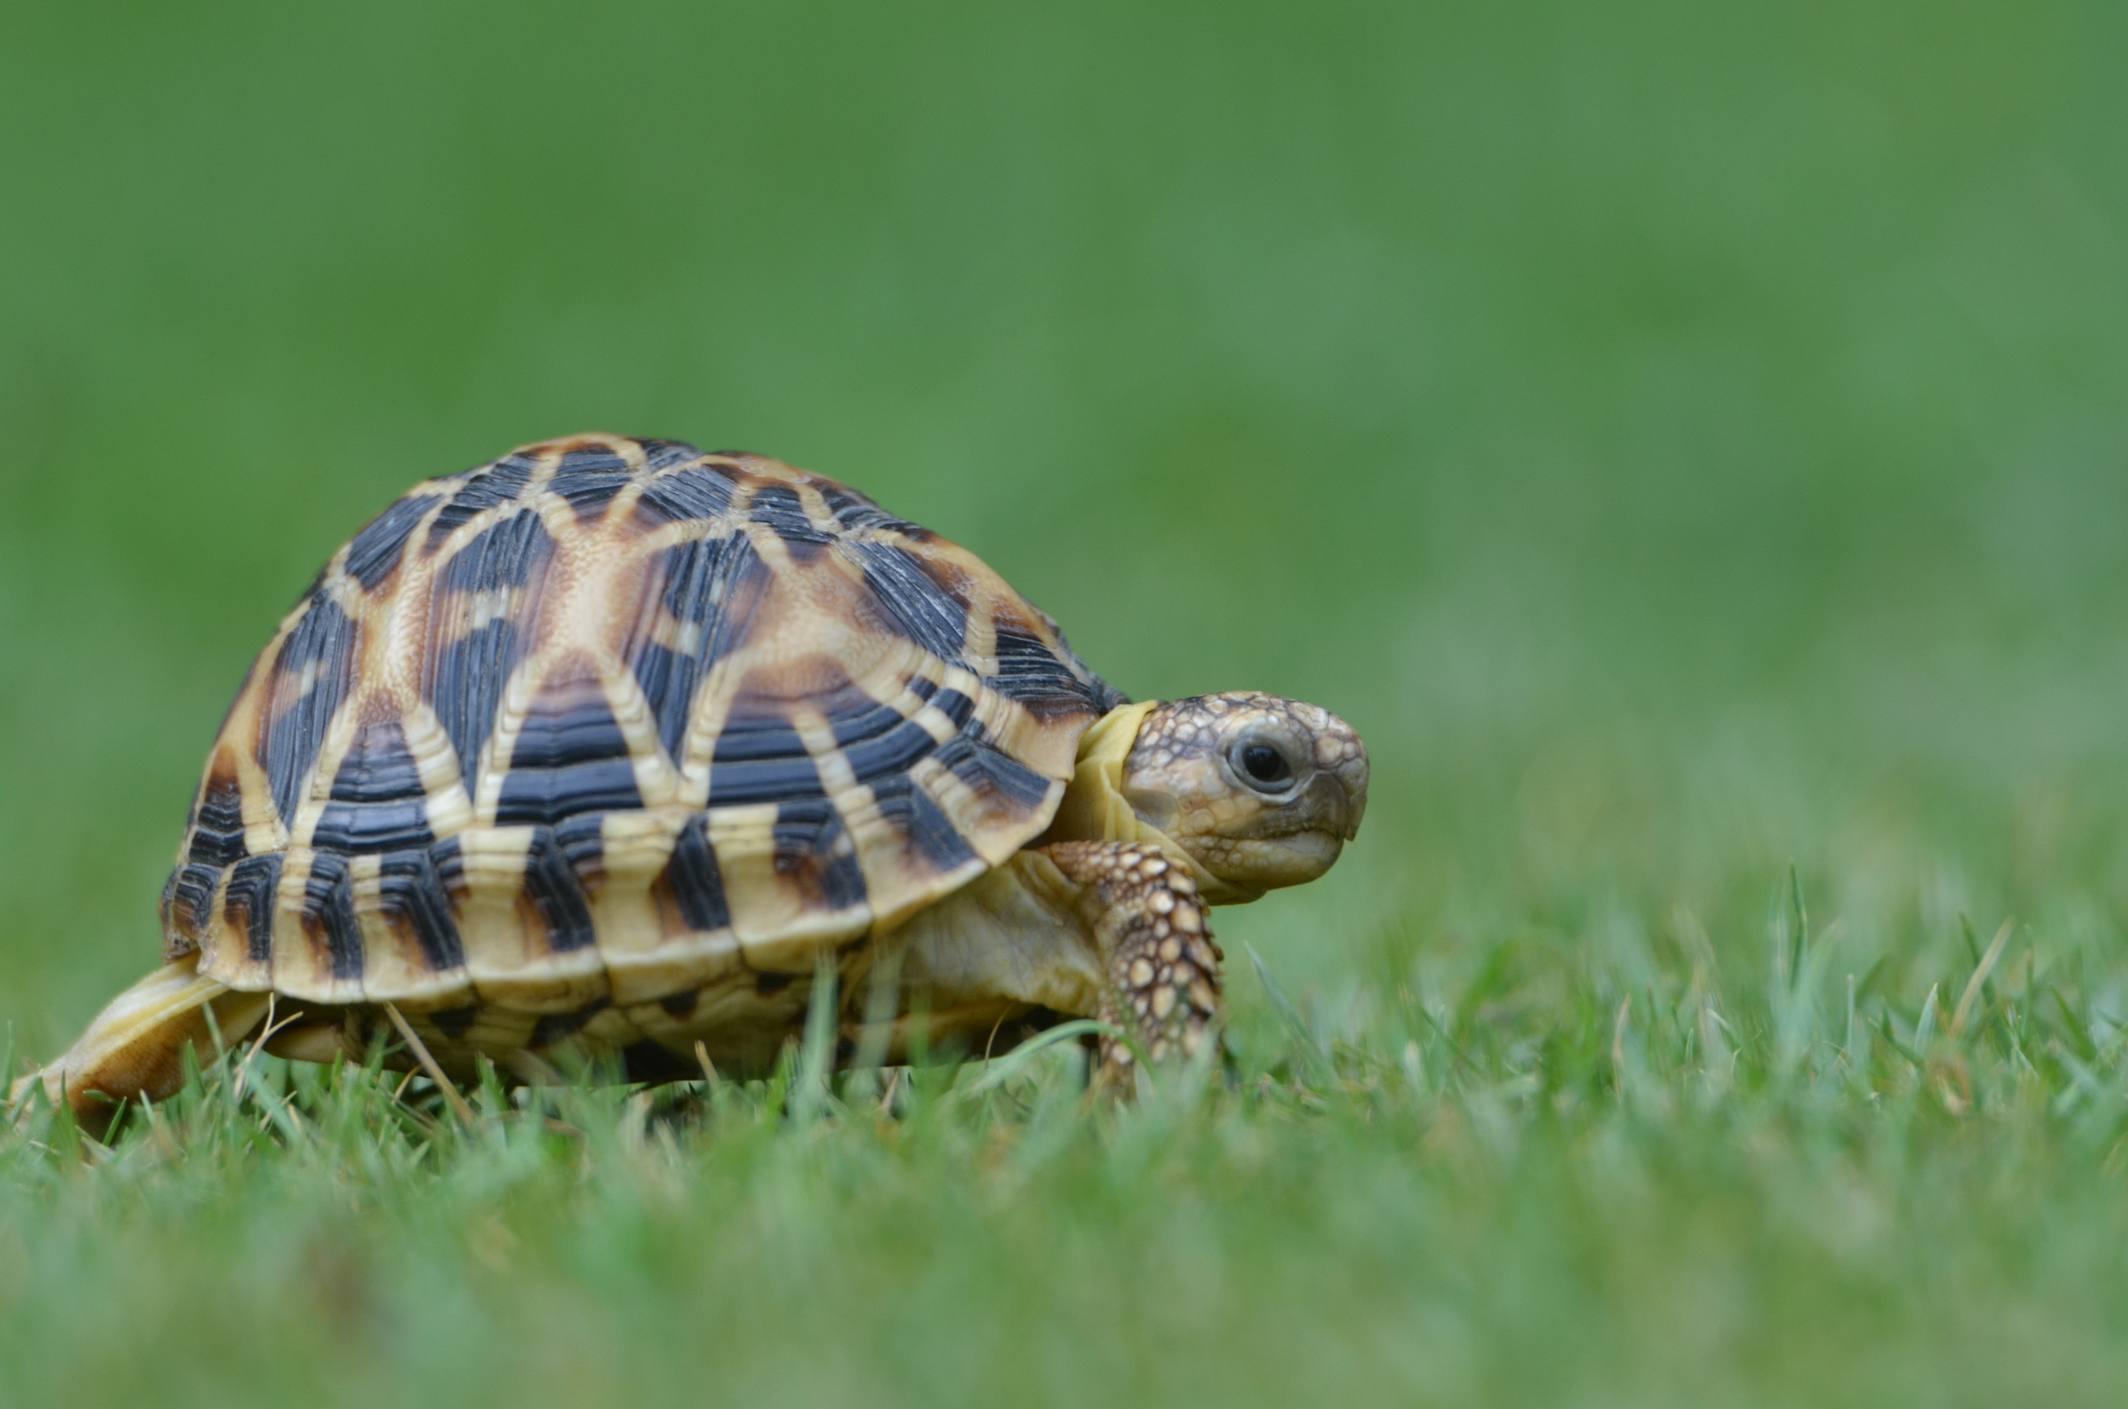 Turtle walking through grass